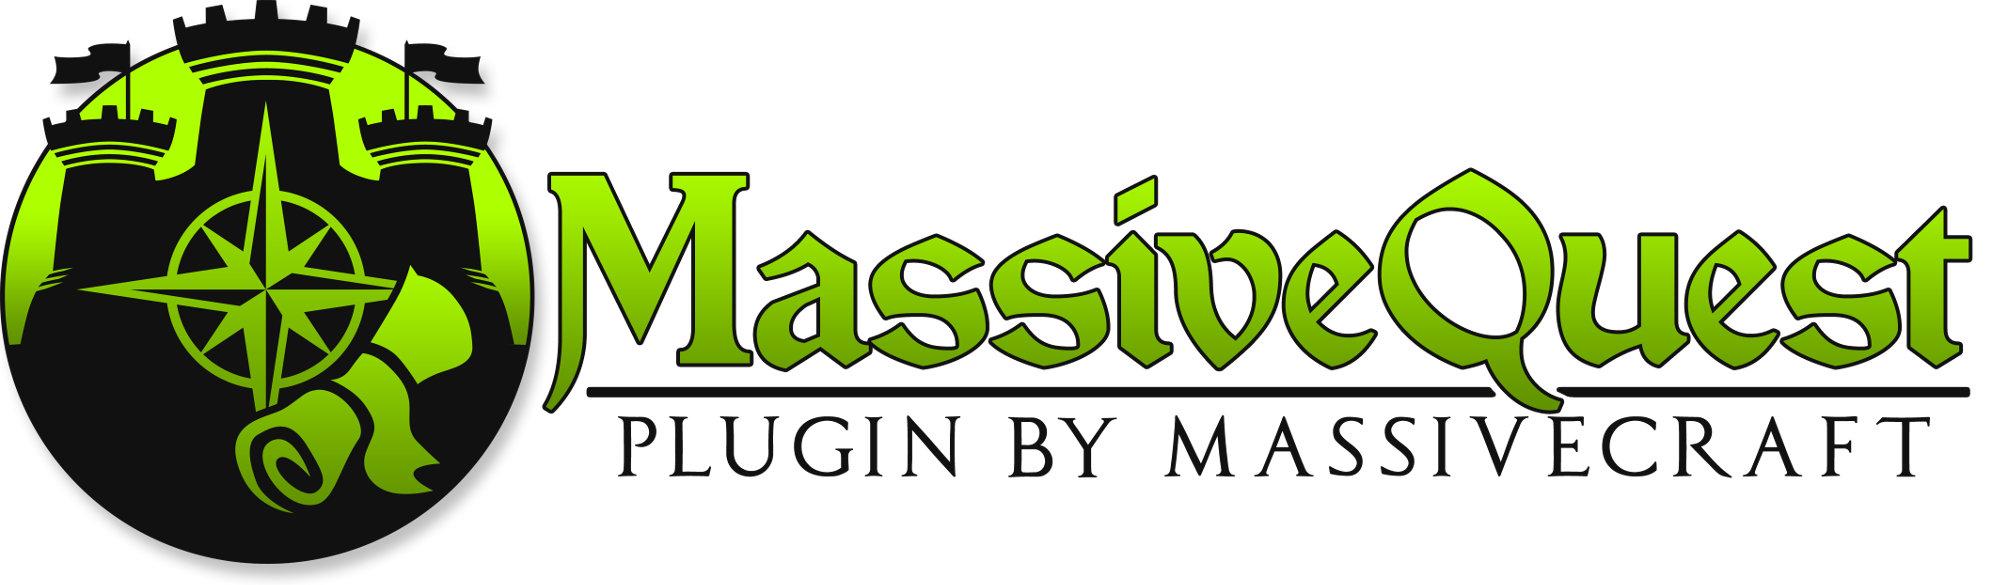 massivecraft-logotype-plugin-massivequest-2000